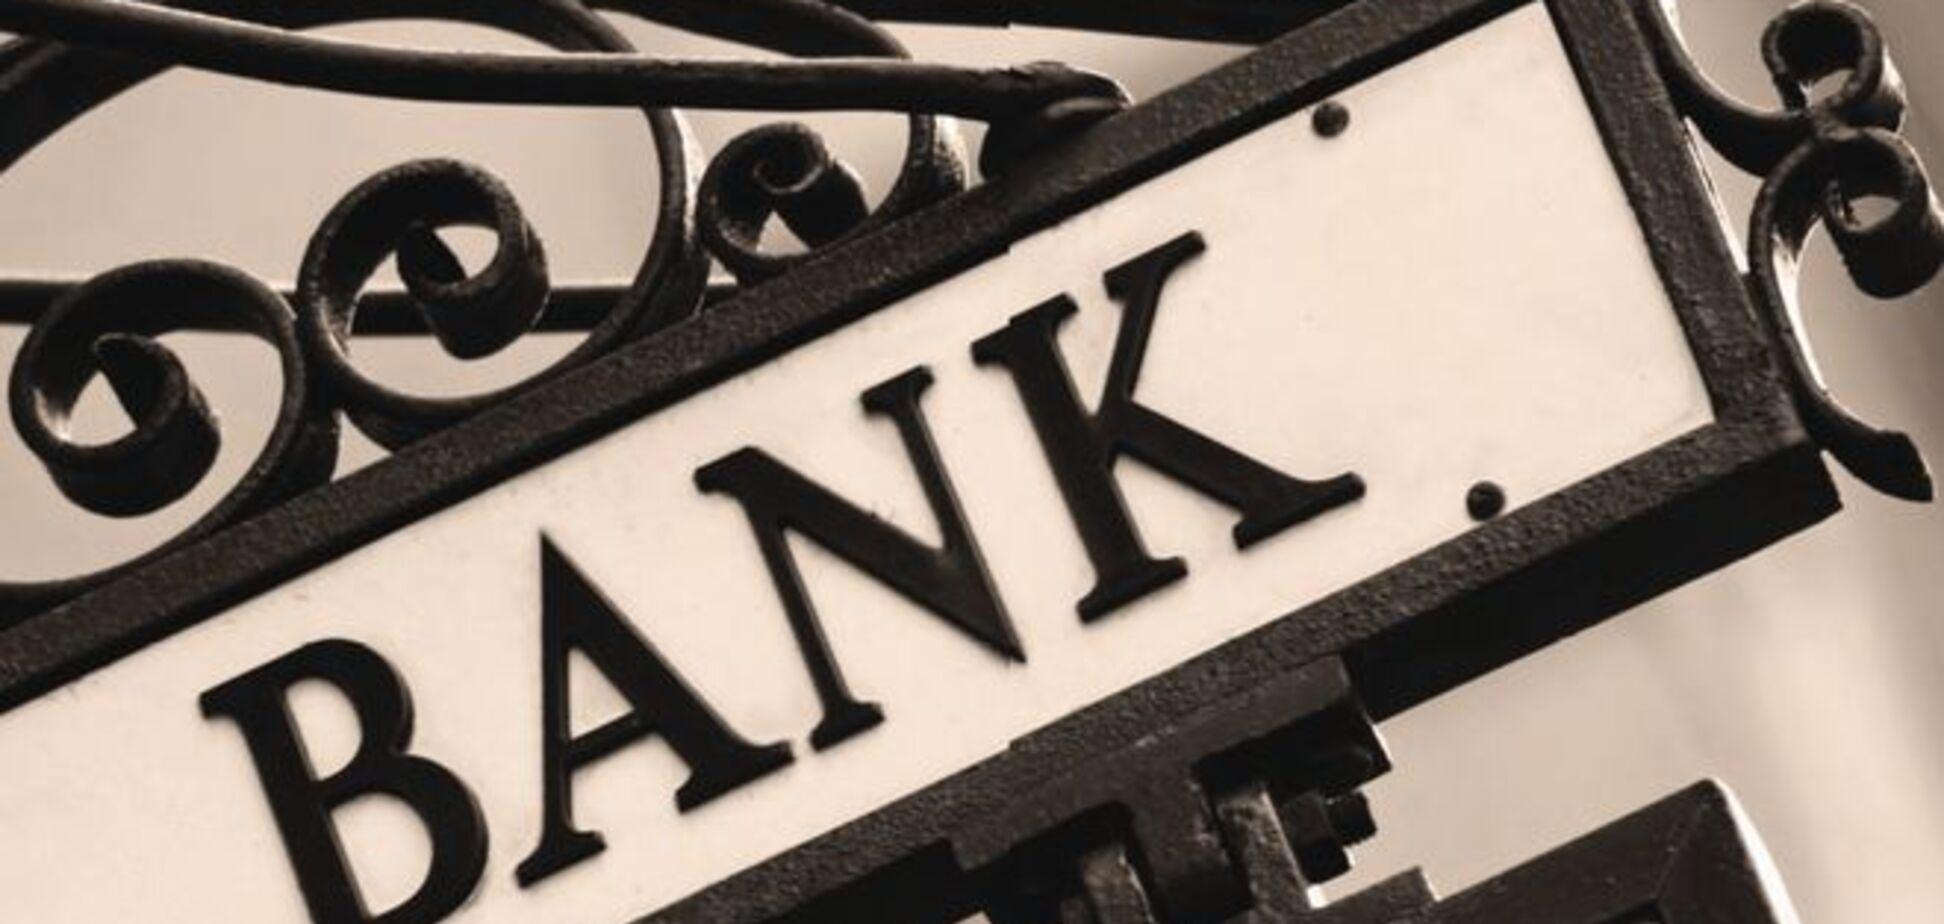 'Банкопад' триває: як забрати гроші з банку-банкрута. Інфографіка